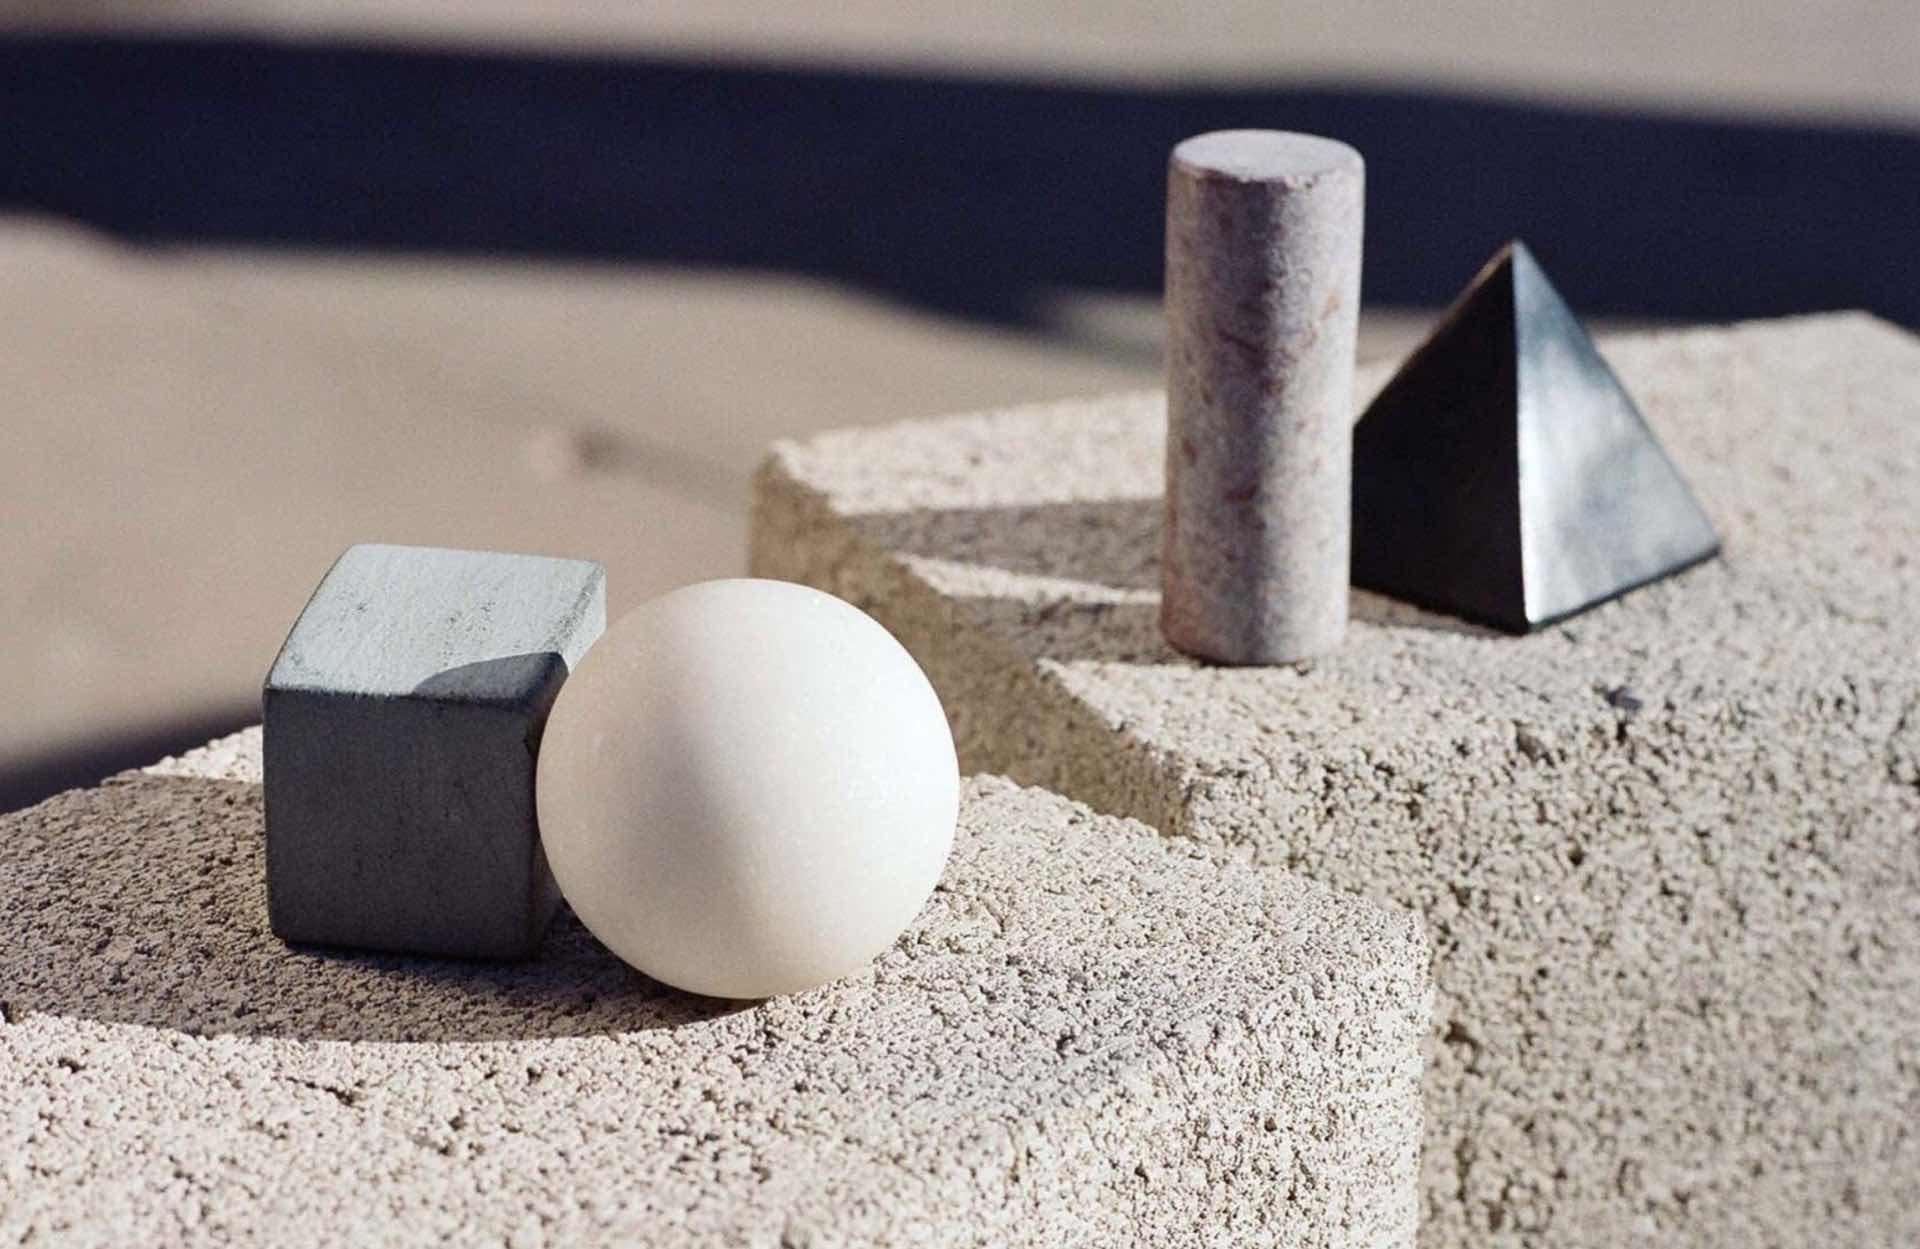 runa-klock-areaware-drink-stones-2